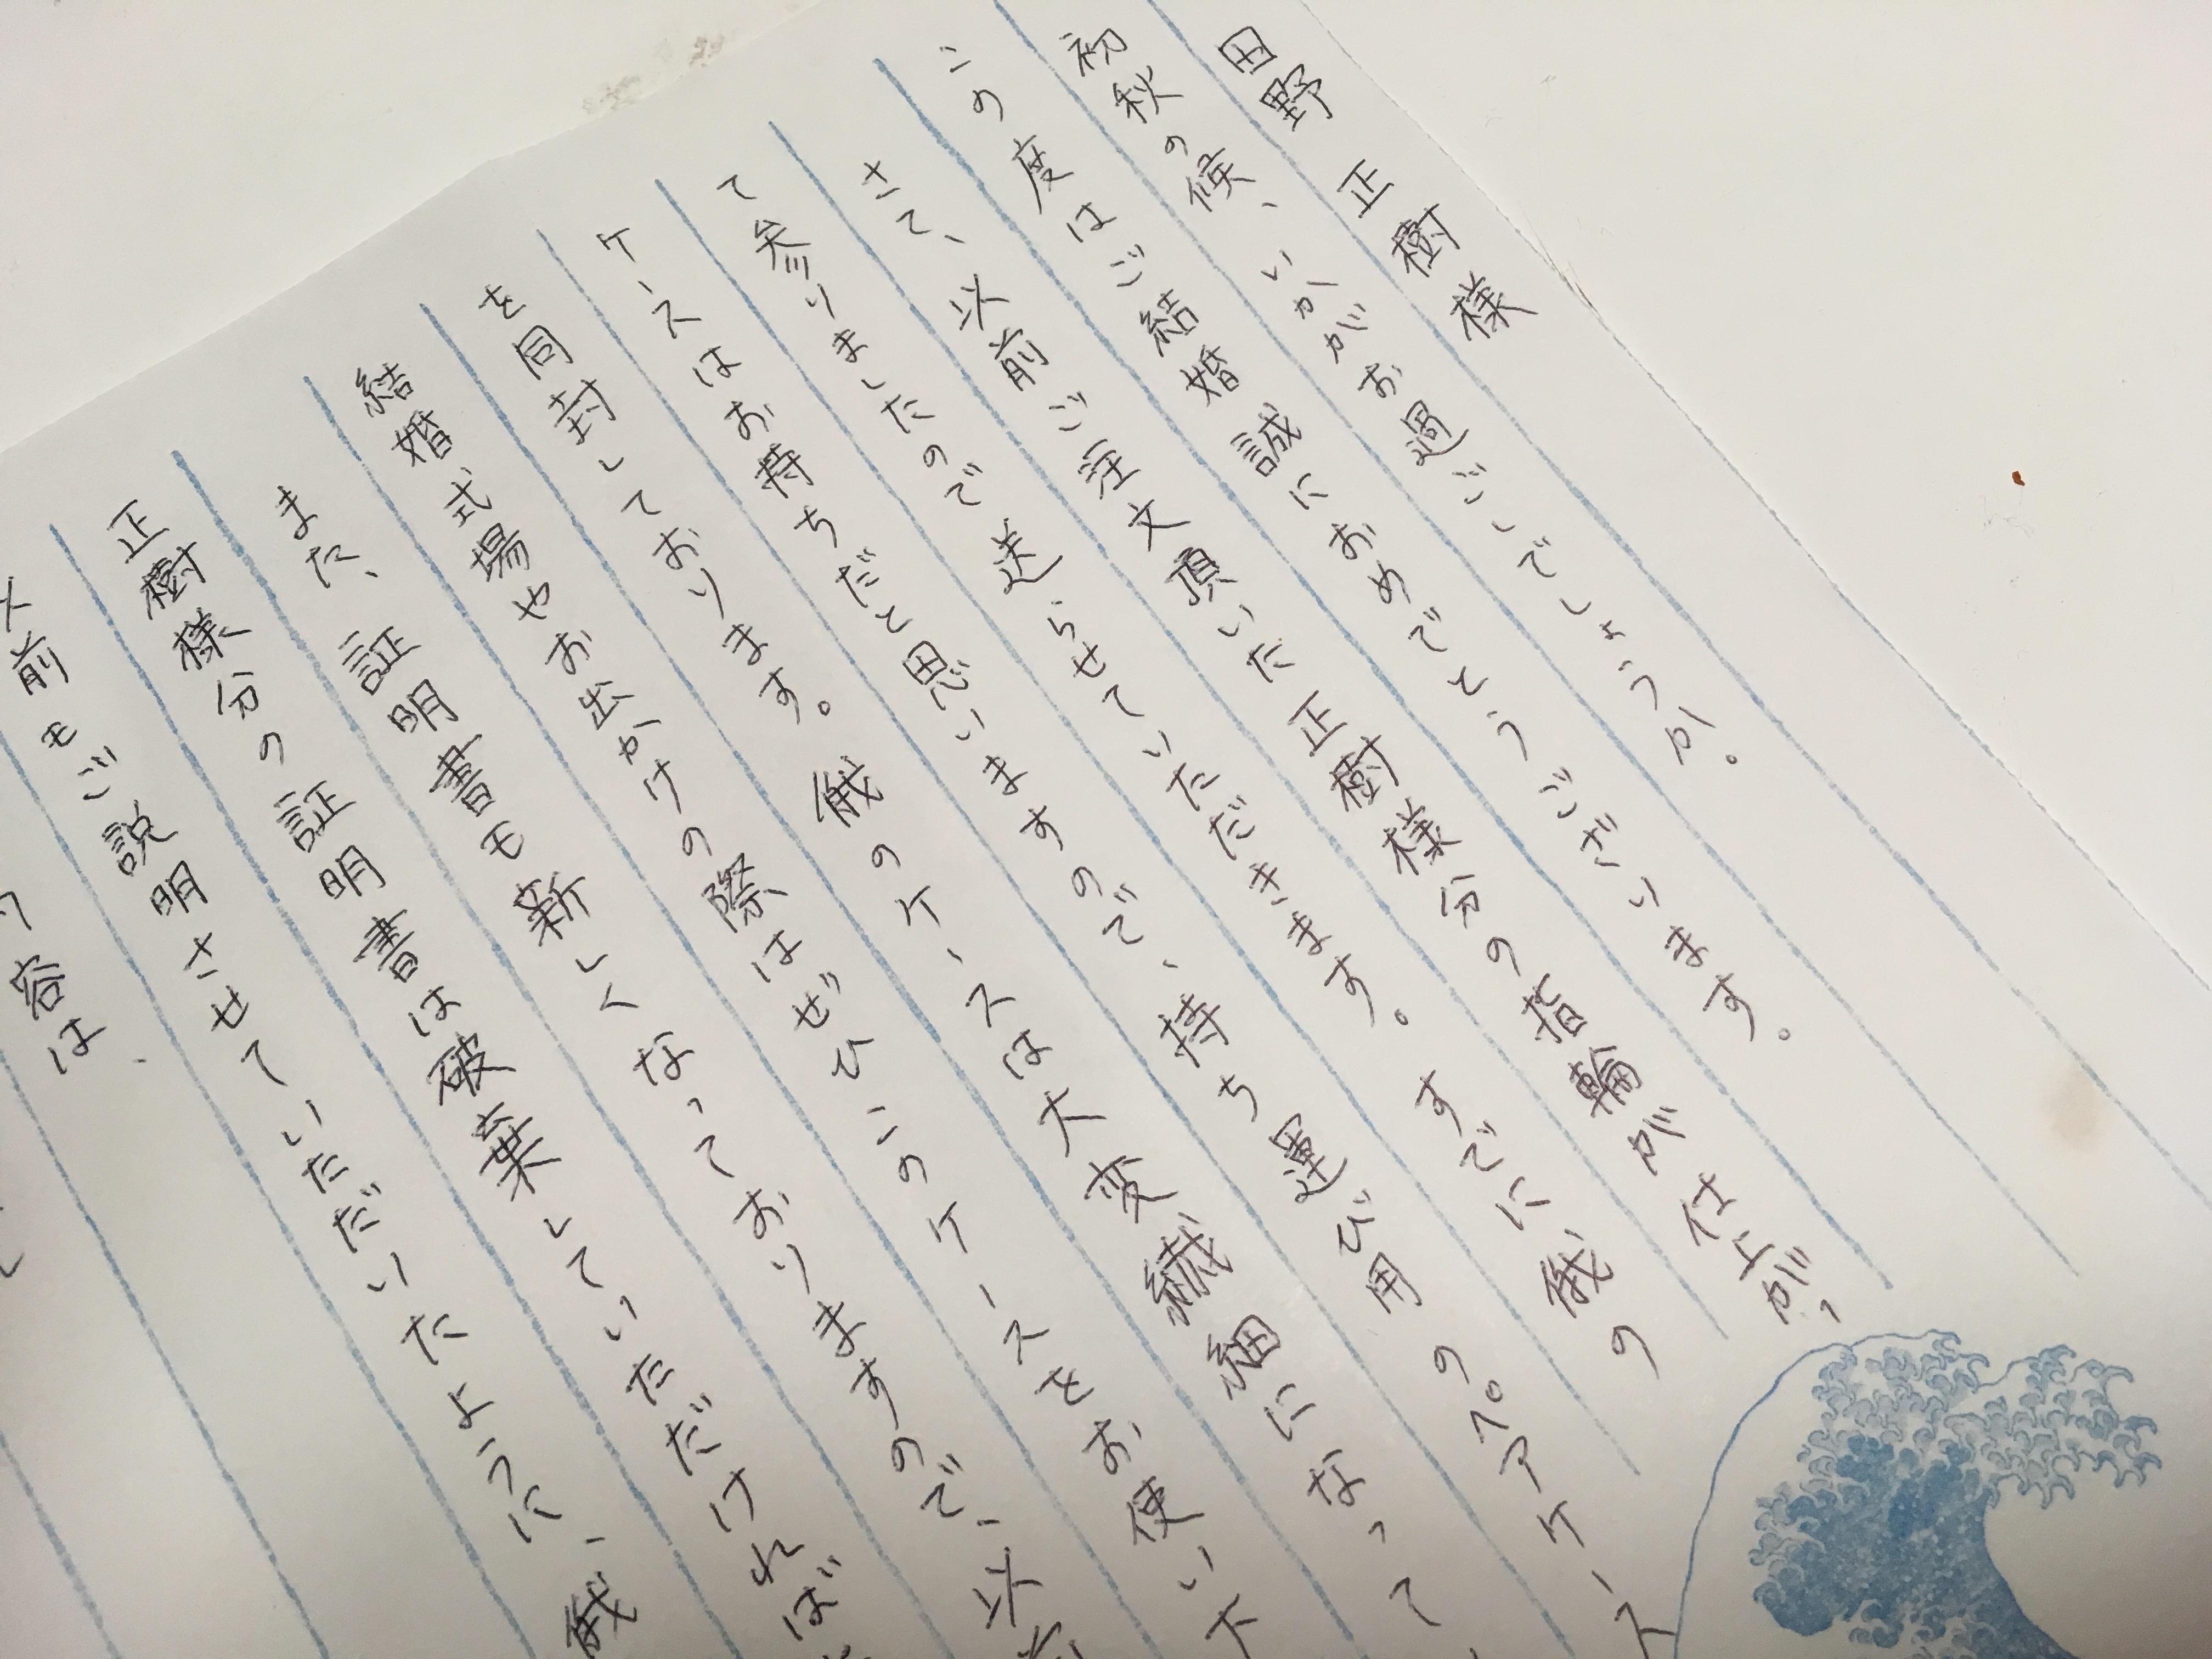 指輪屋手紙1.jpg